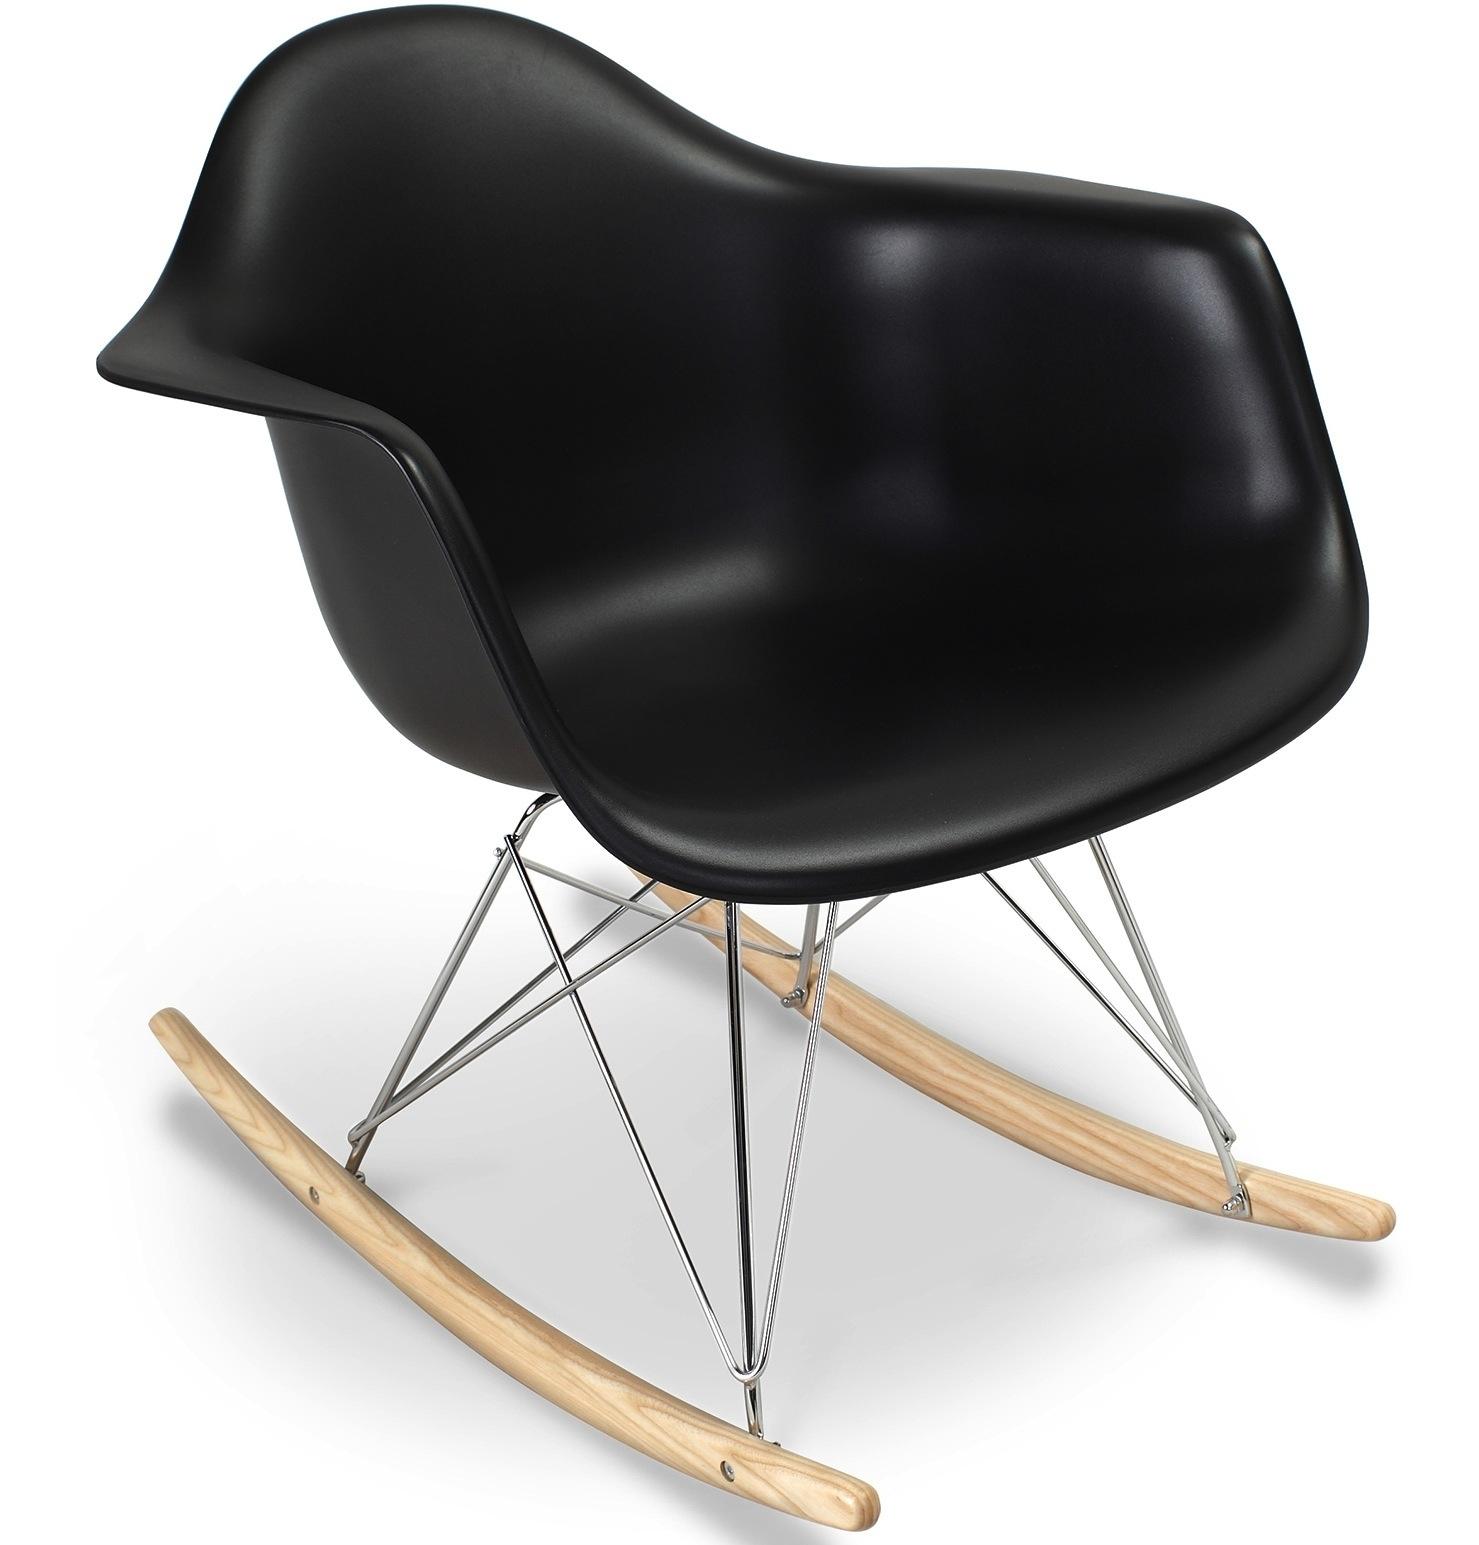 fauteuil à bascule noir mat inspirée charles eames - lestendances.fr - Chaise A Bascule Eames 2